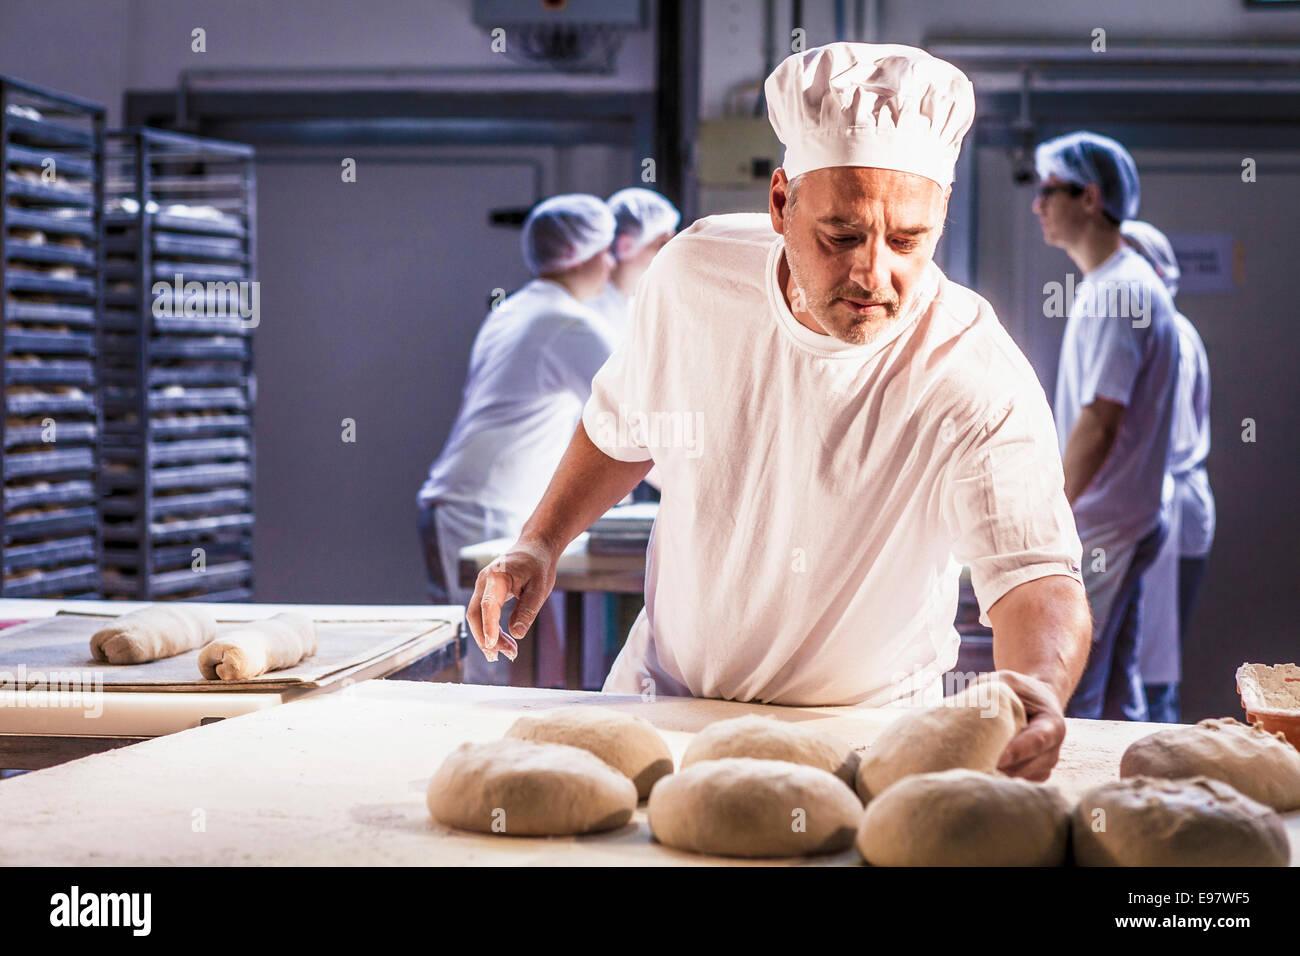 La cottura del pane, chef pasta di controllo Immagini Stock